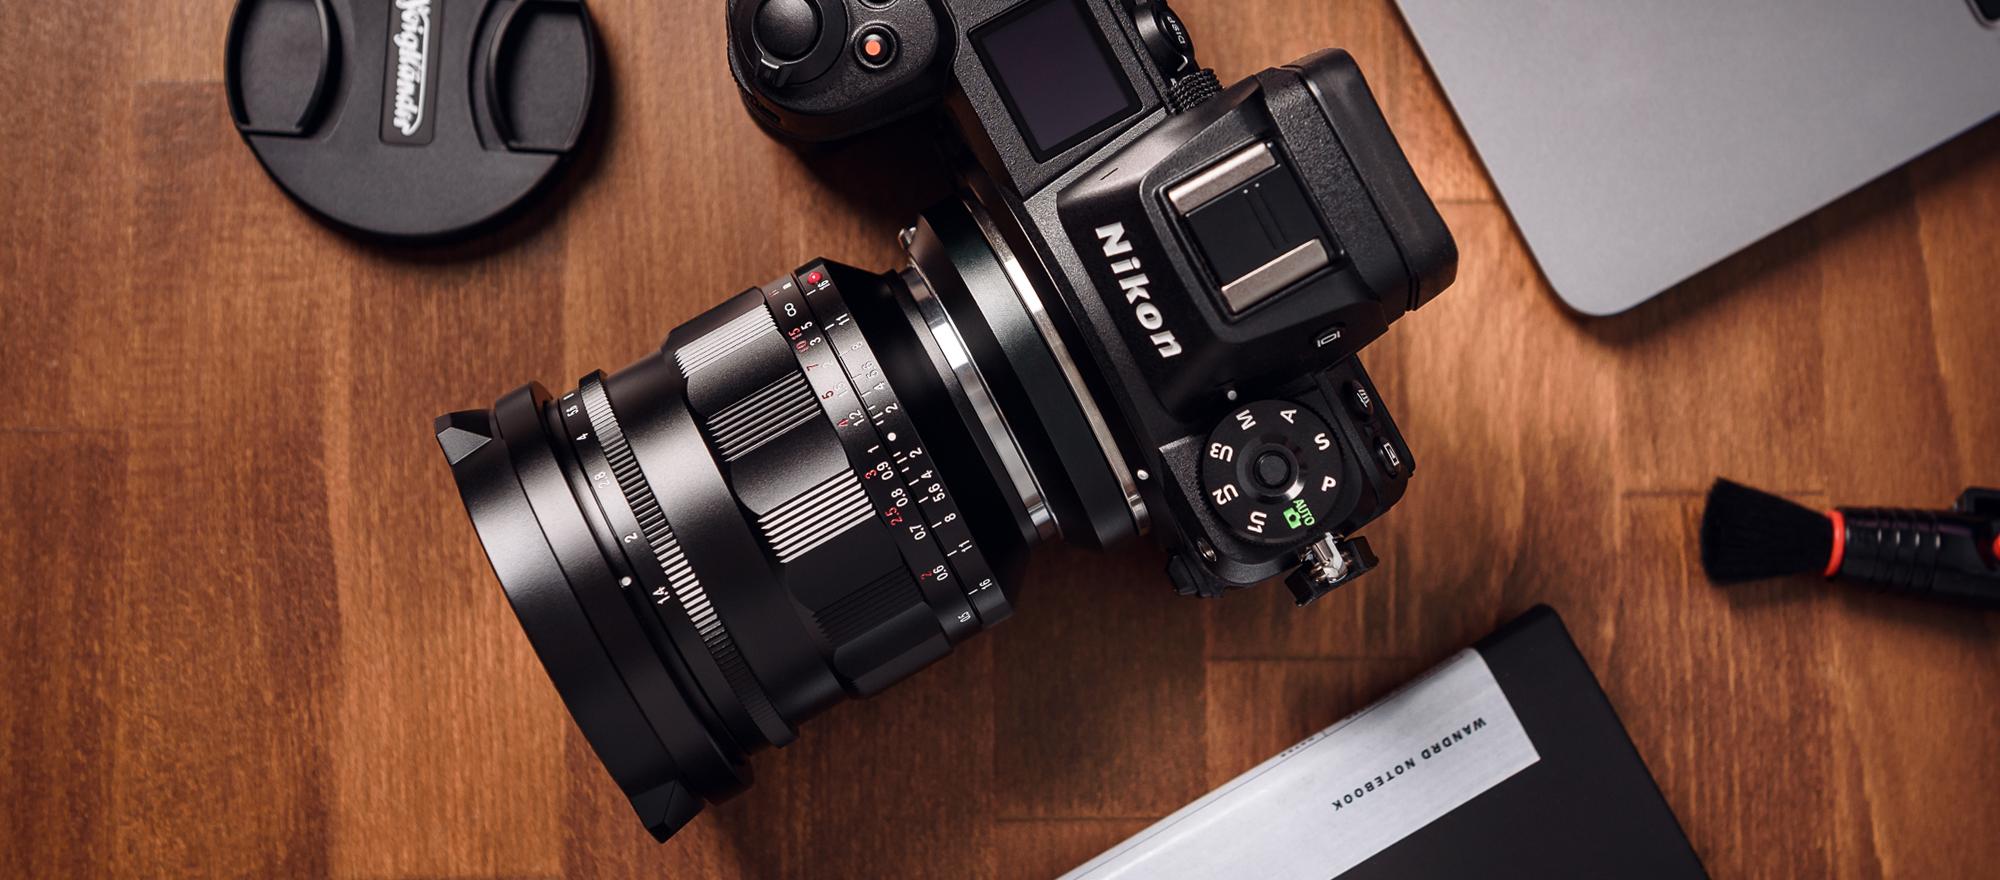 Obiektyw Voigtlander Nokton 21 mm f/1,4 z mocowaniem Leica M zamocowany na aparacie Nikon Z6